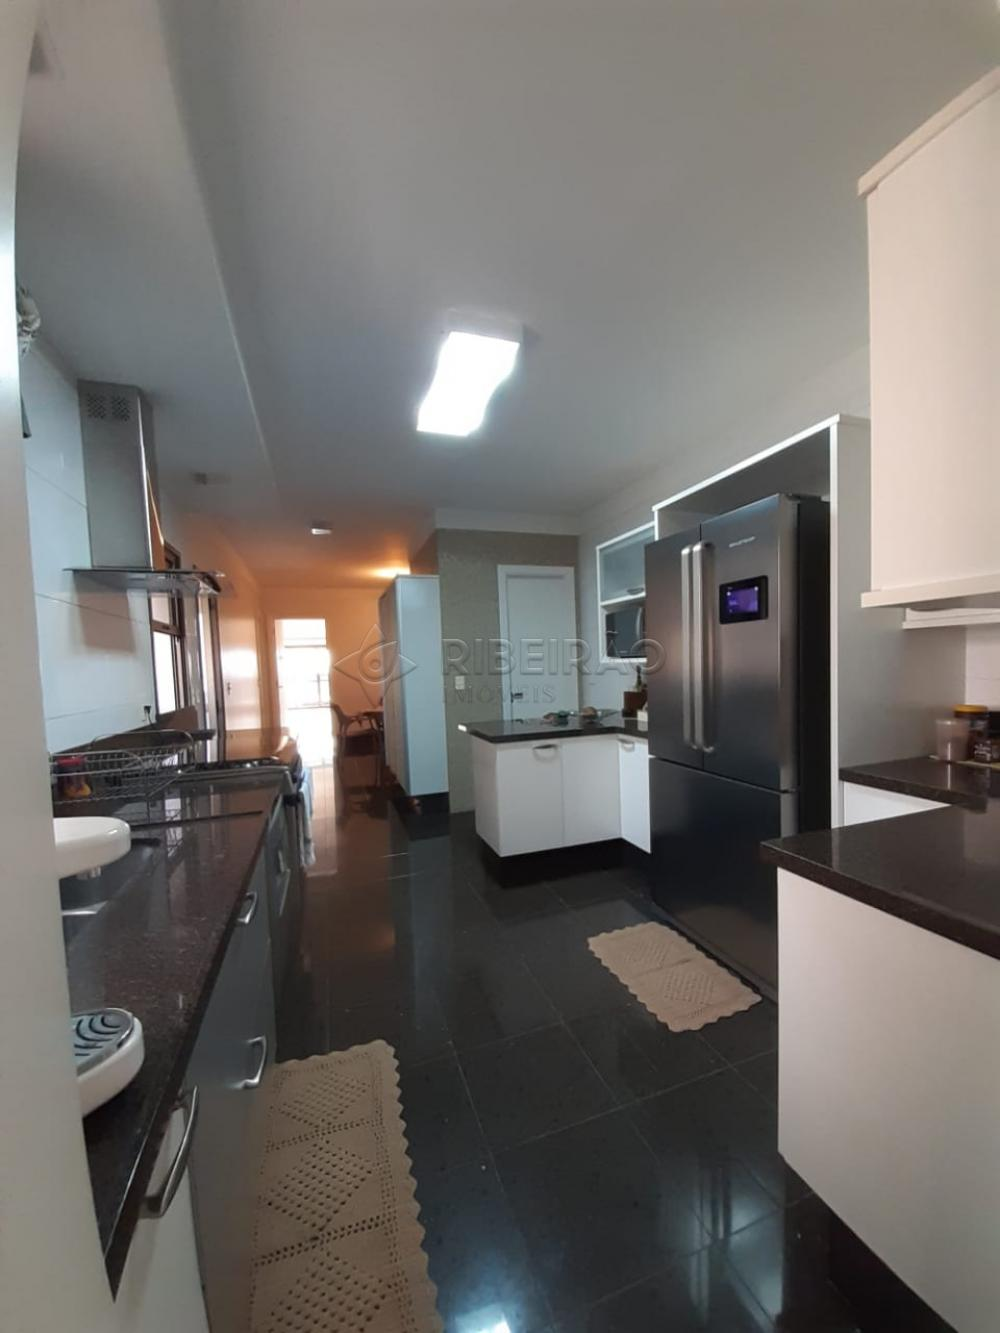 Comprar Apartamento / Padrão em Ribeirão Preto apenas R$ 1.400.000,00 - Foto 9